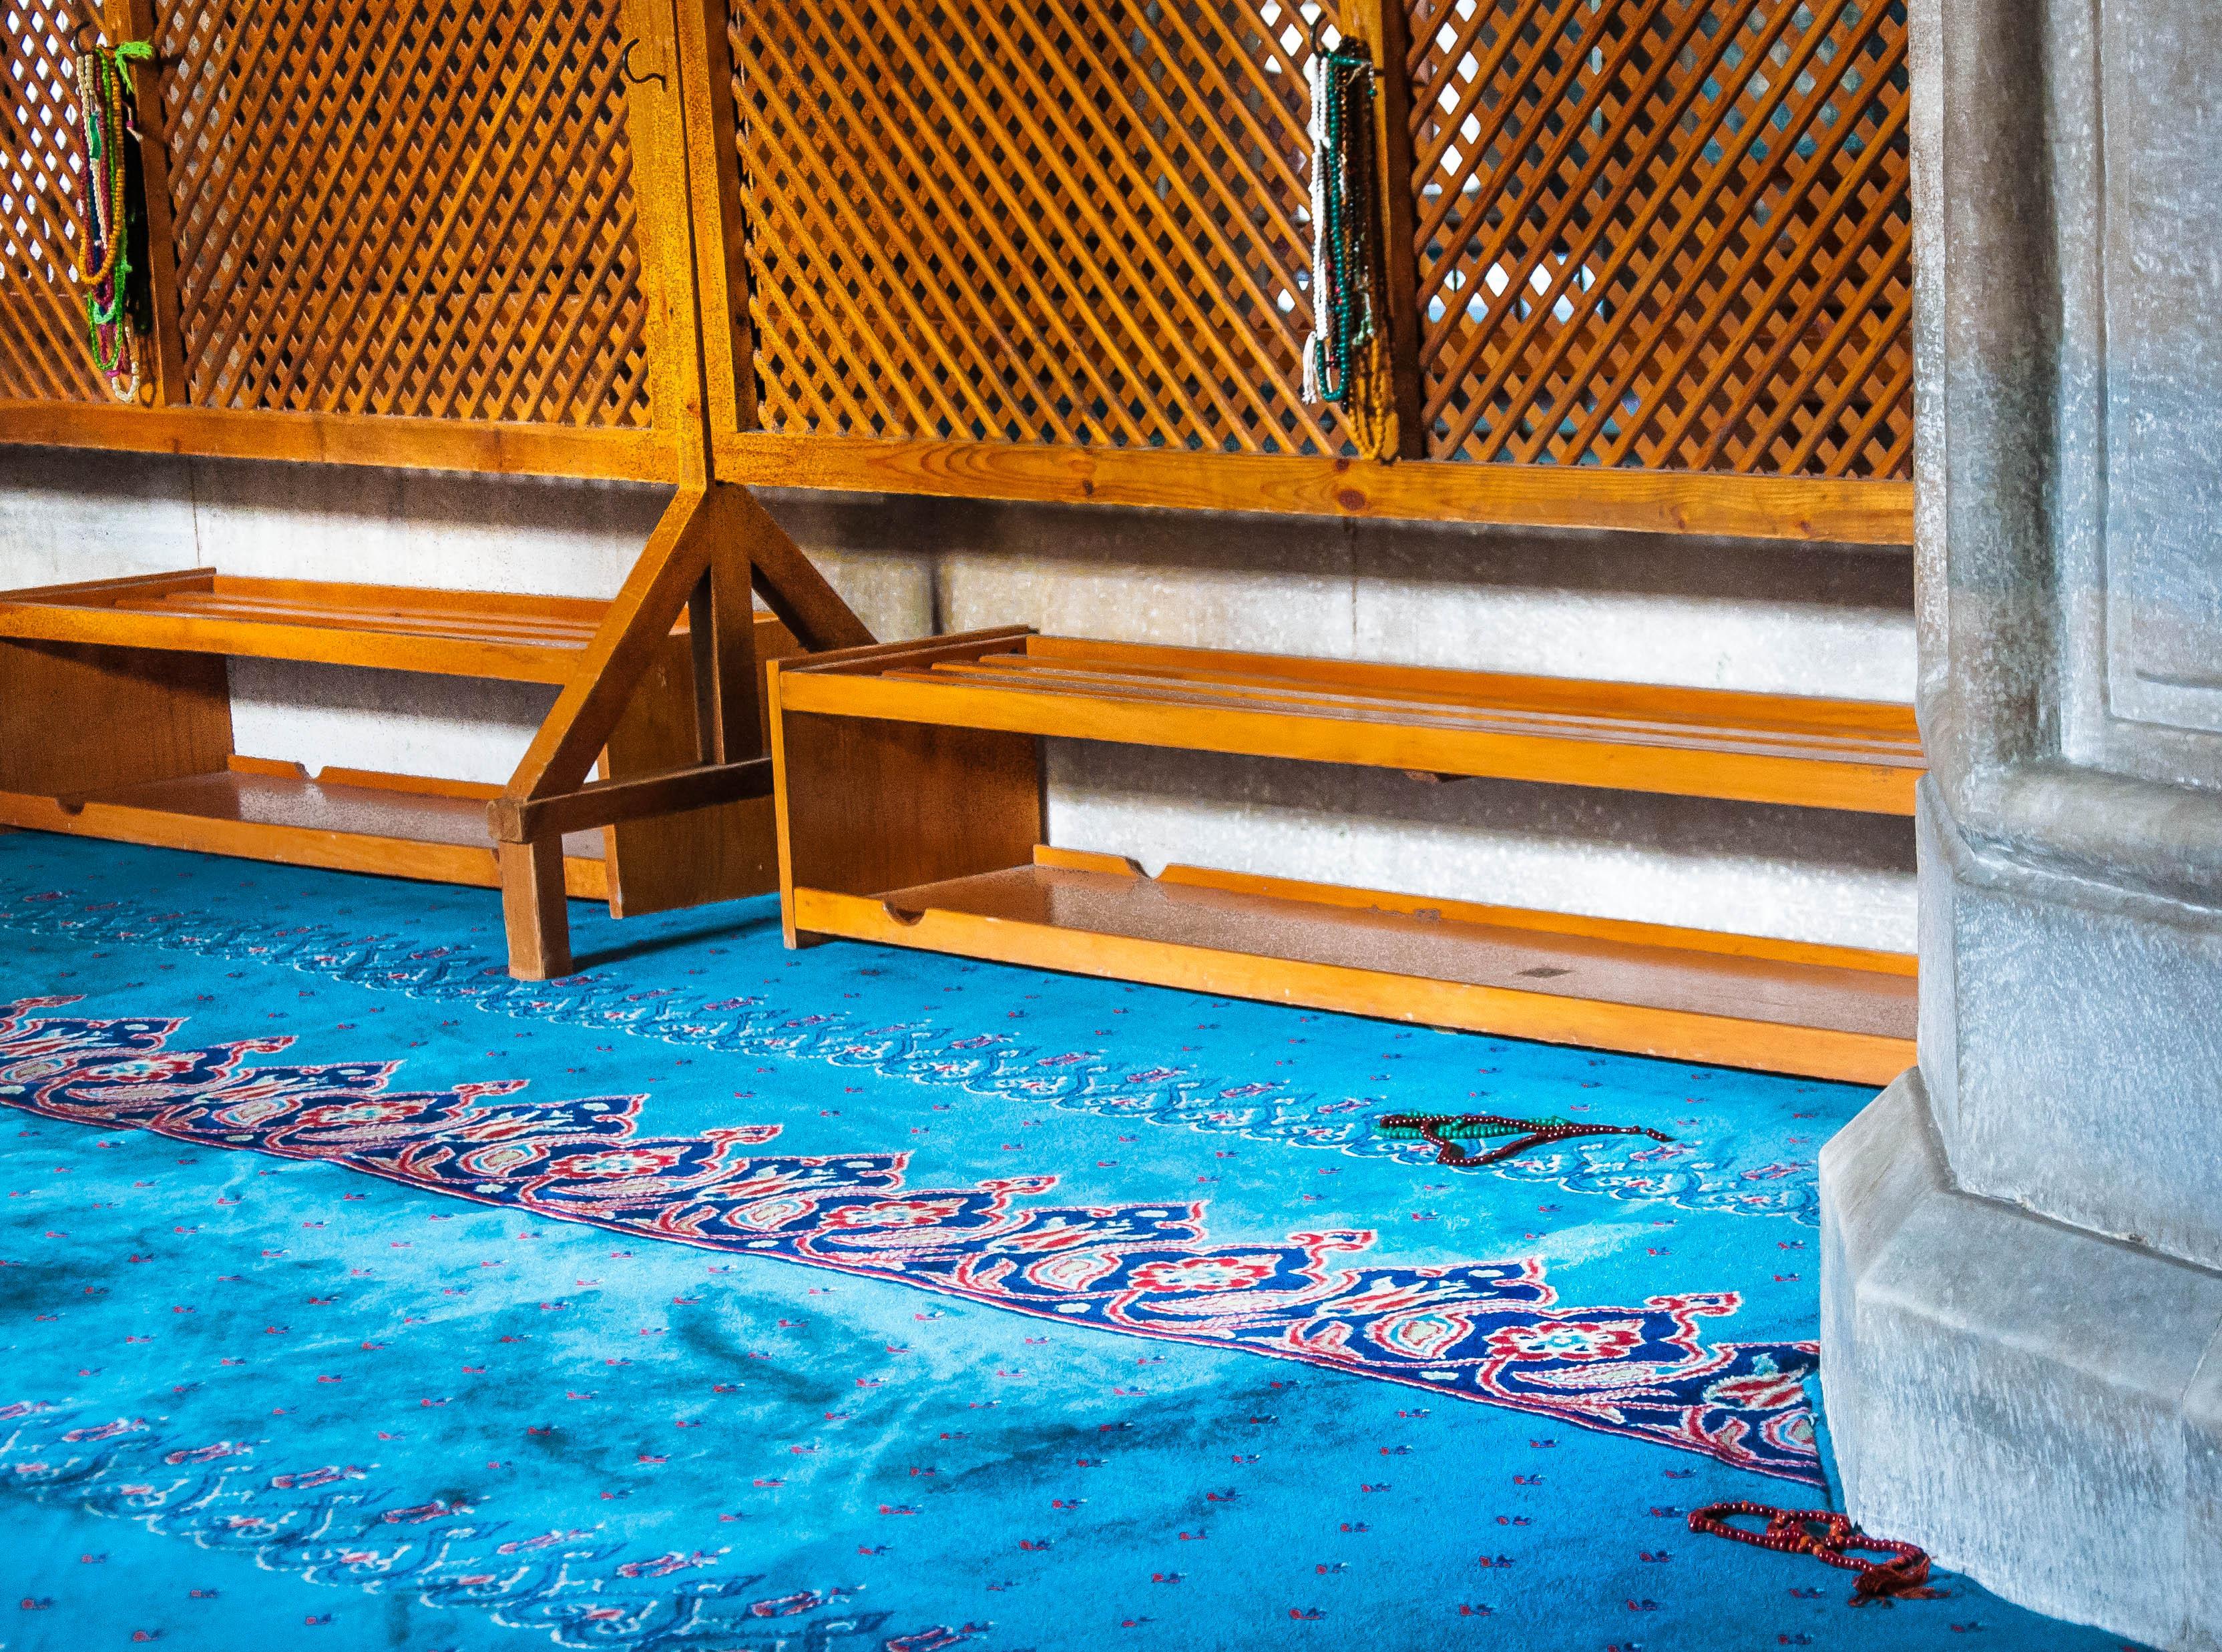 Flickr - Schegge di Istanbul, la preghiera